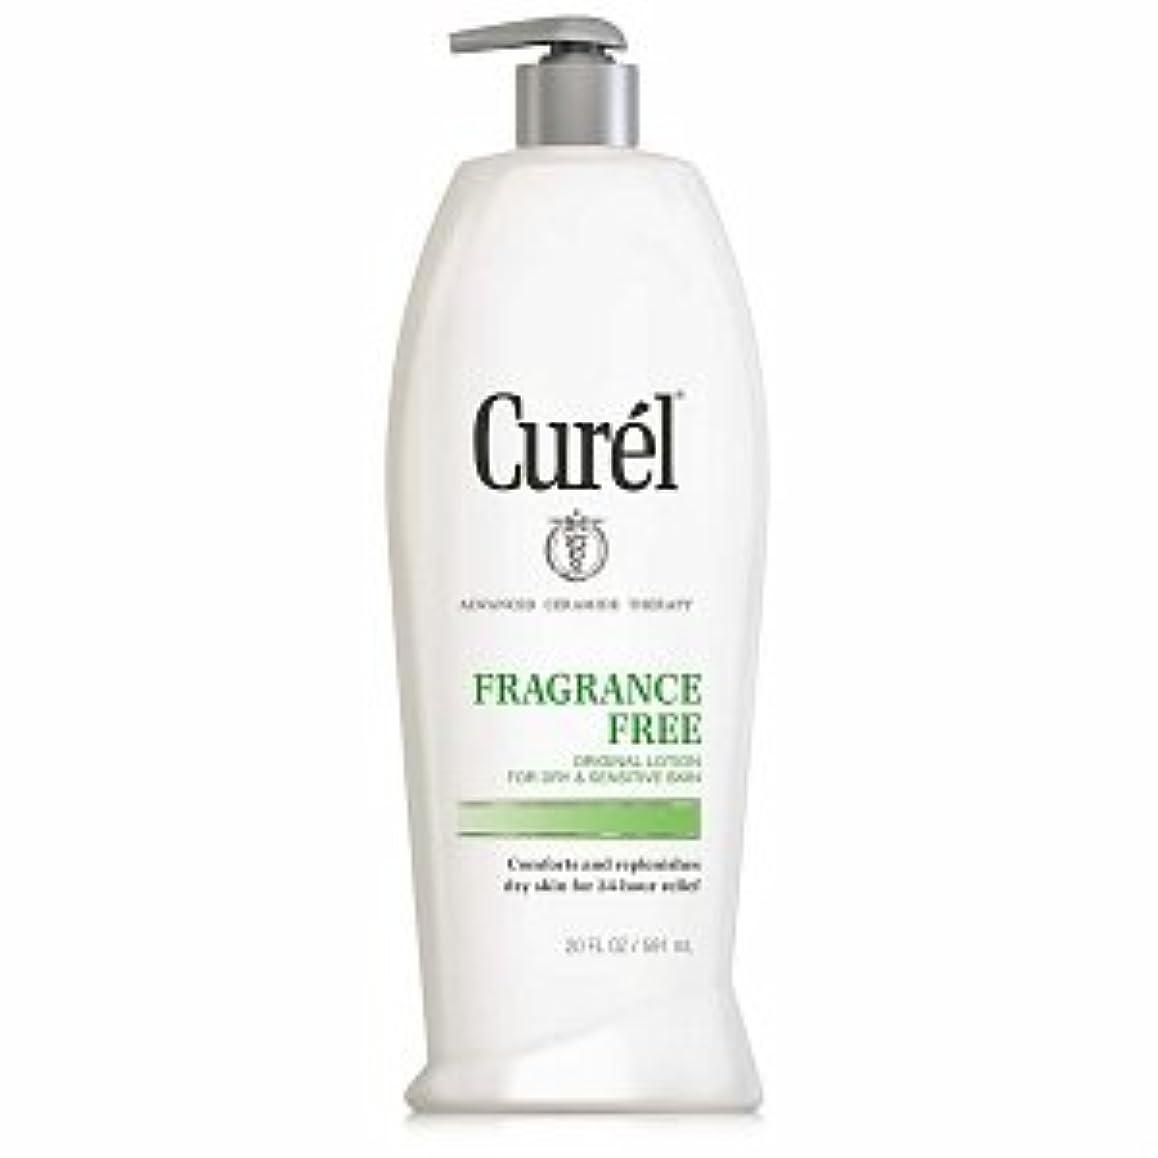 ロードされた深遠憎しみCurel Fragrance Free Original Lotion For Dry&Sensitive Skin - 13 fl oz ポンプ式